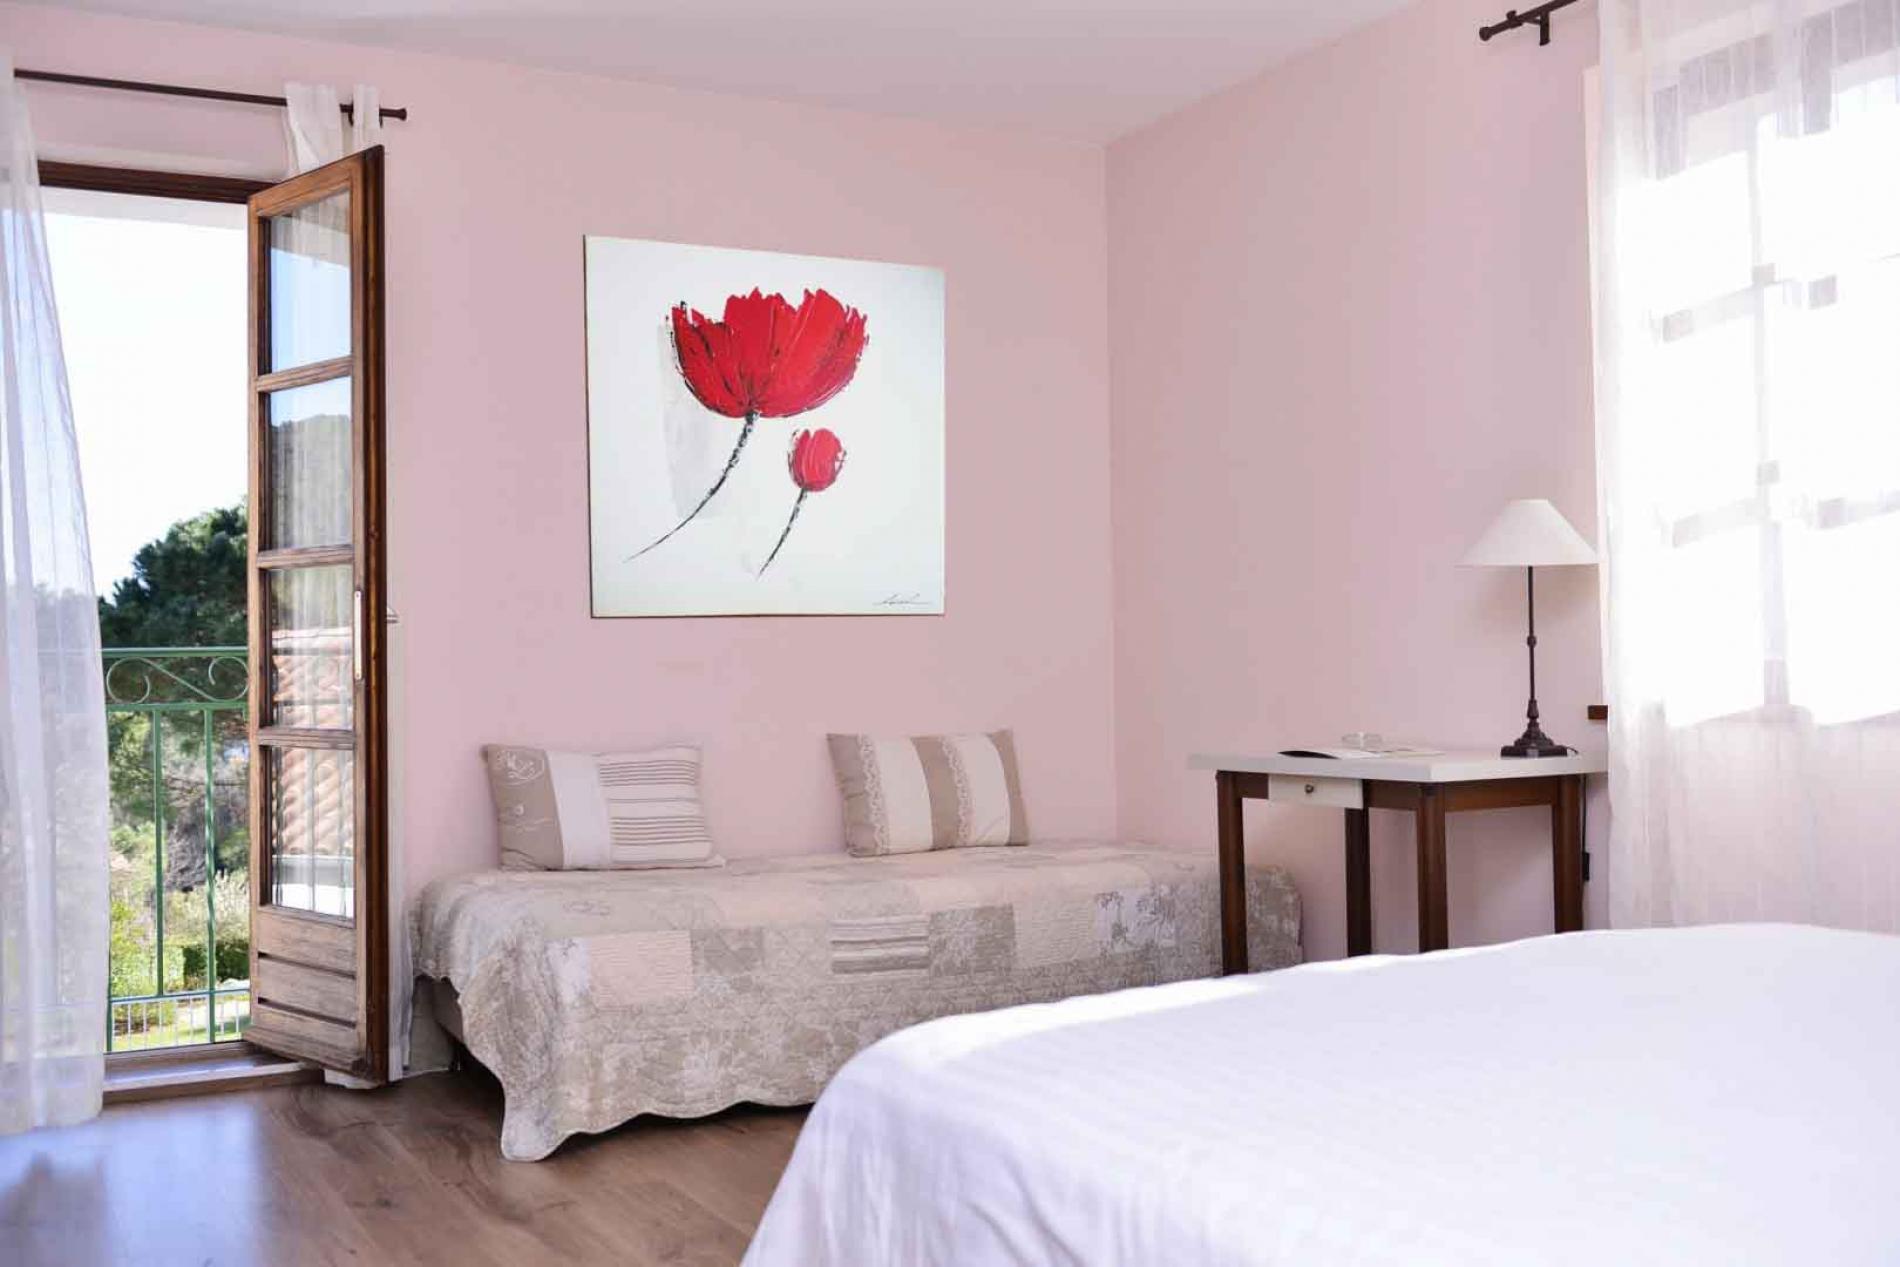 Logis Hotel au cœur de l'Ardèche méridionale